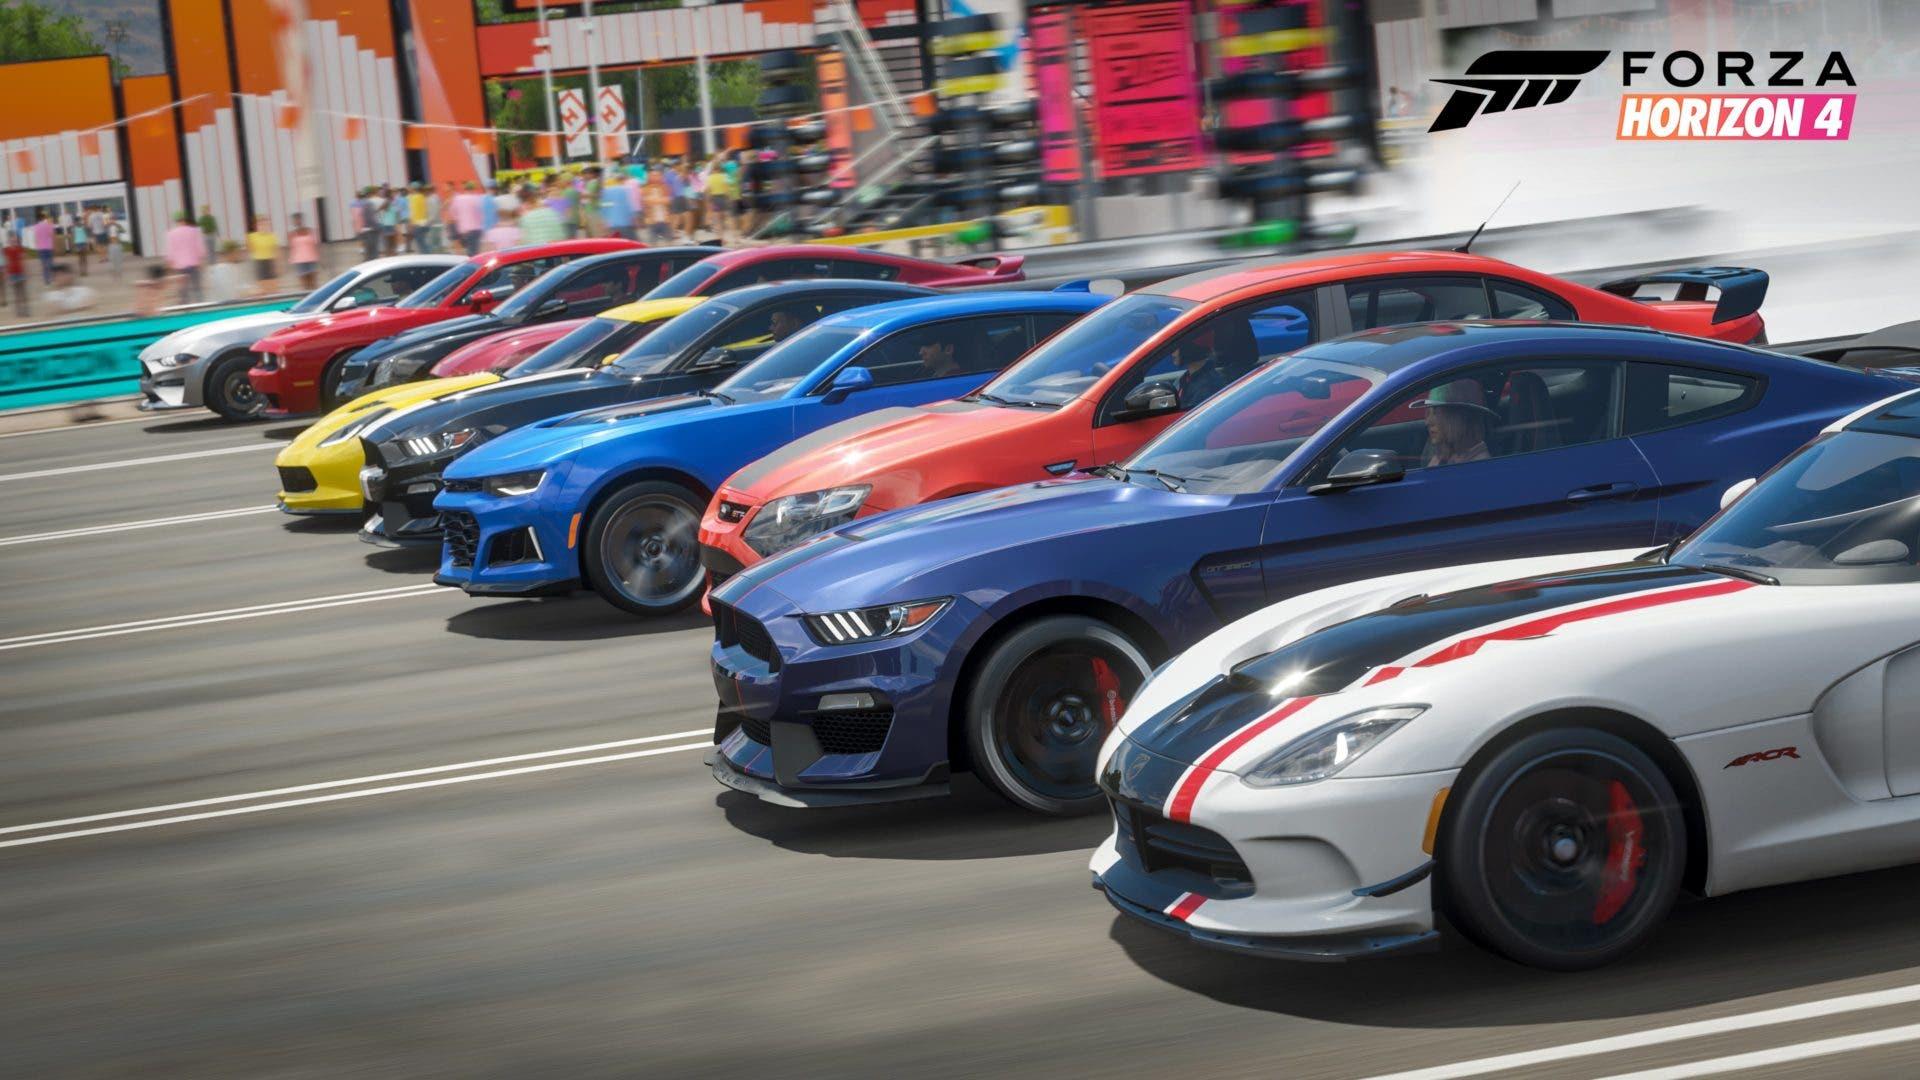 Imagen de Top Gear premia a Forza Horizon 4 como el mejor juego de conducción de la década